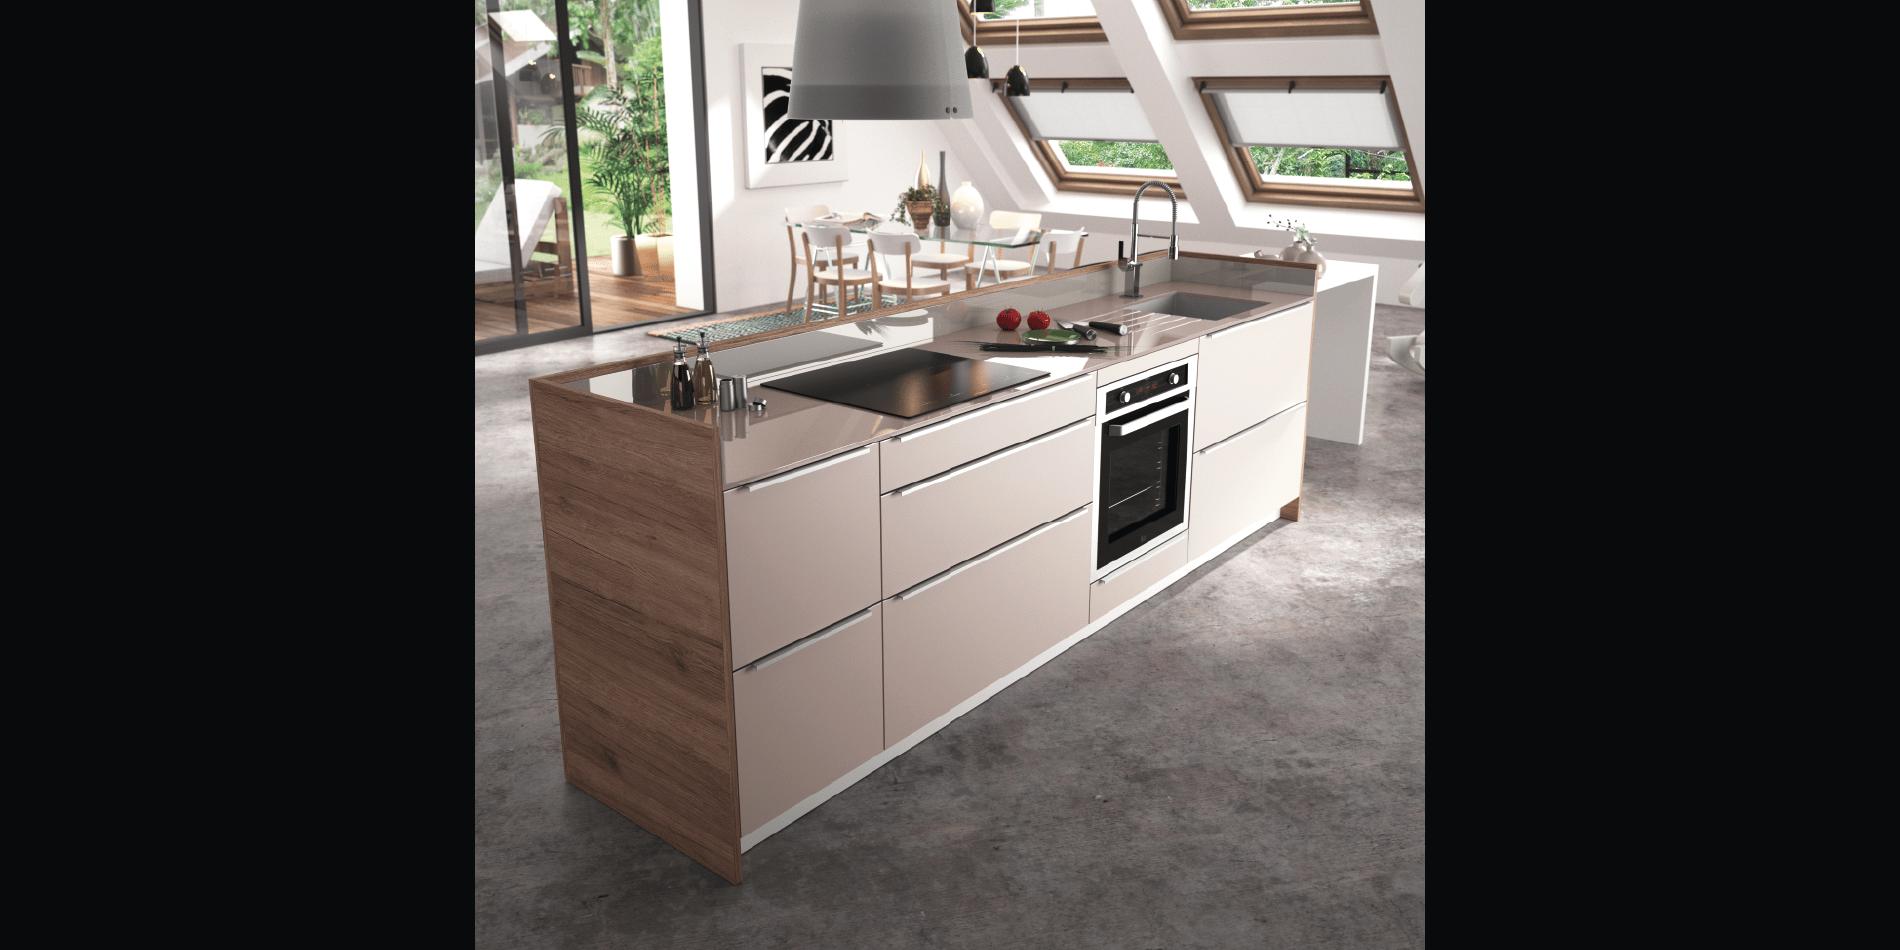 cuisine contemporaine zaho alicante d cor bois haut de gamme sur mesurecuisine contemporaine. Black Bedroom Furniture Sets. Home Design Ideas